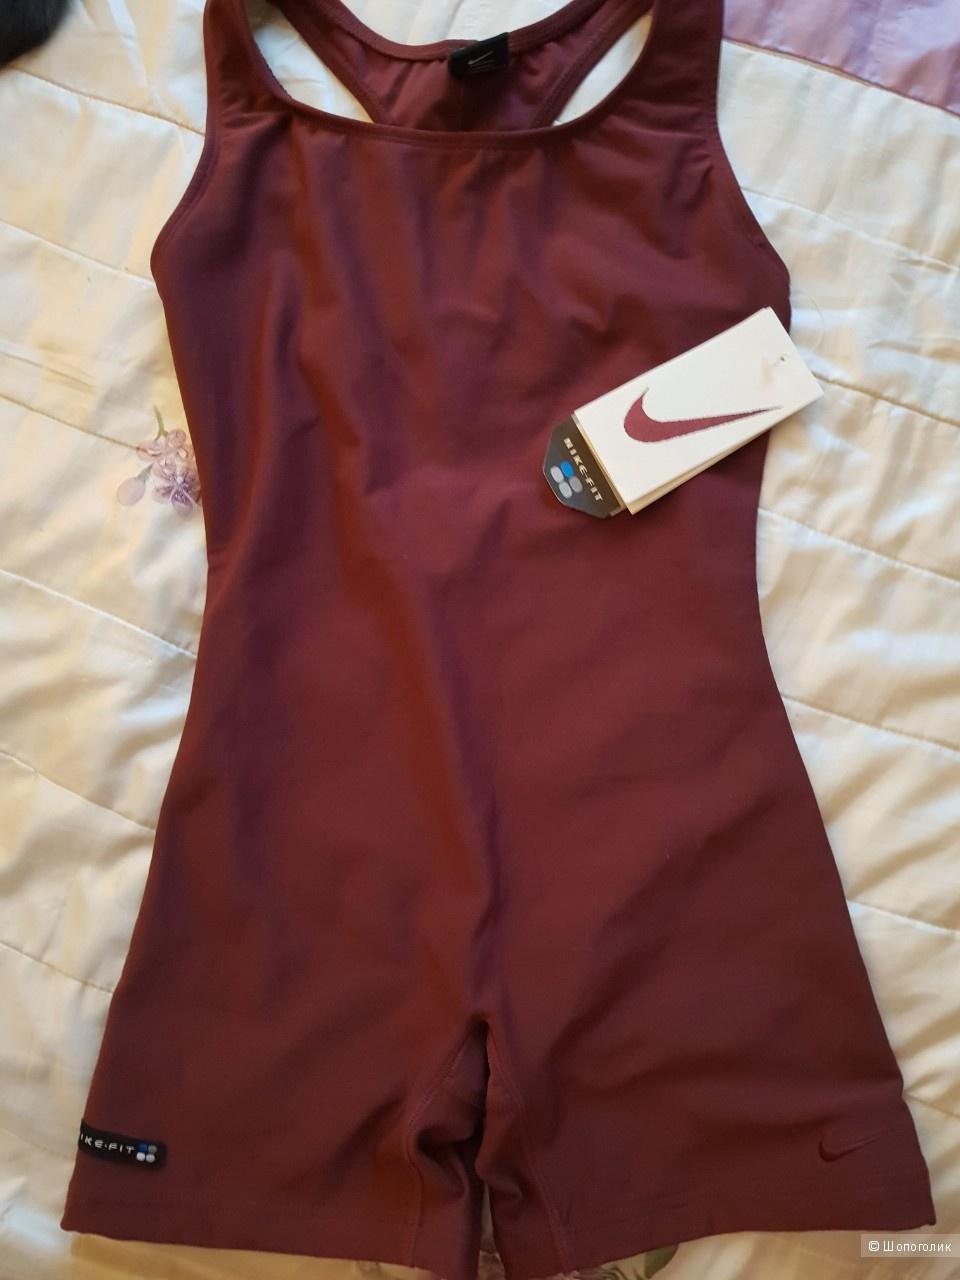 Спортивный костюм Nike,размер L